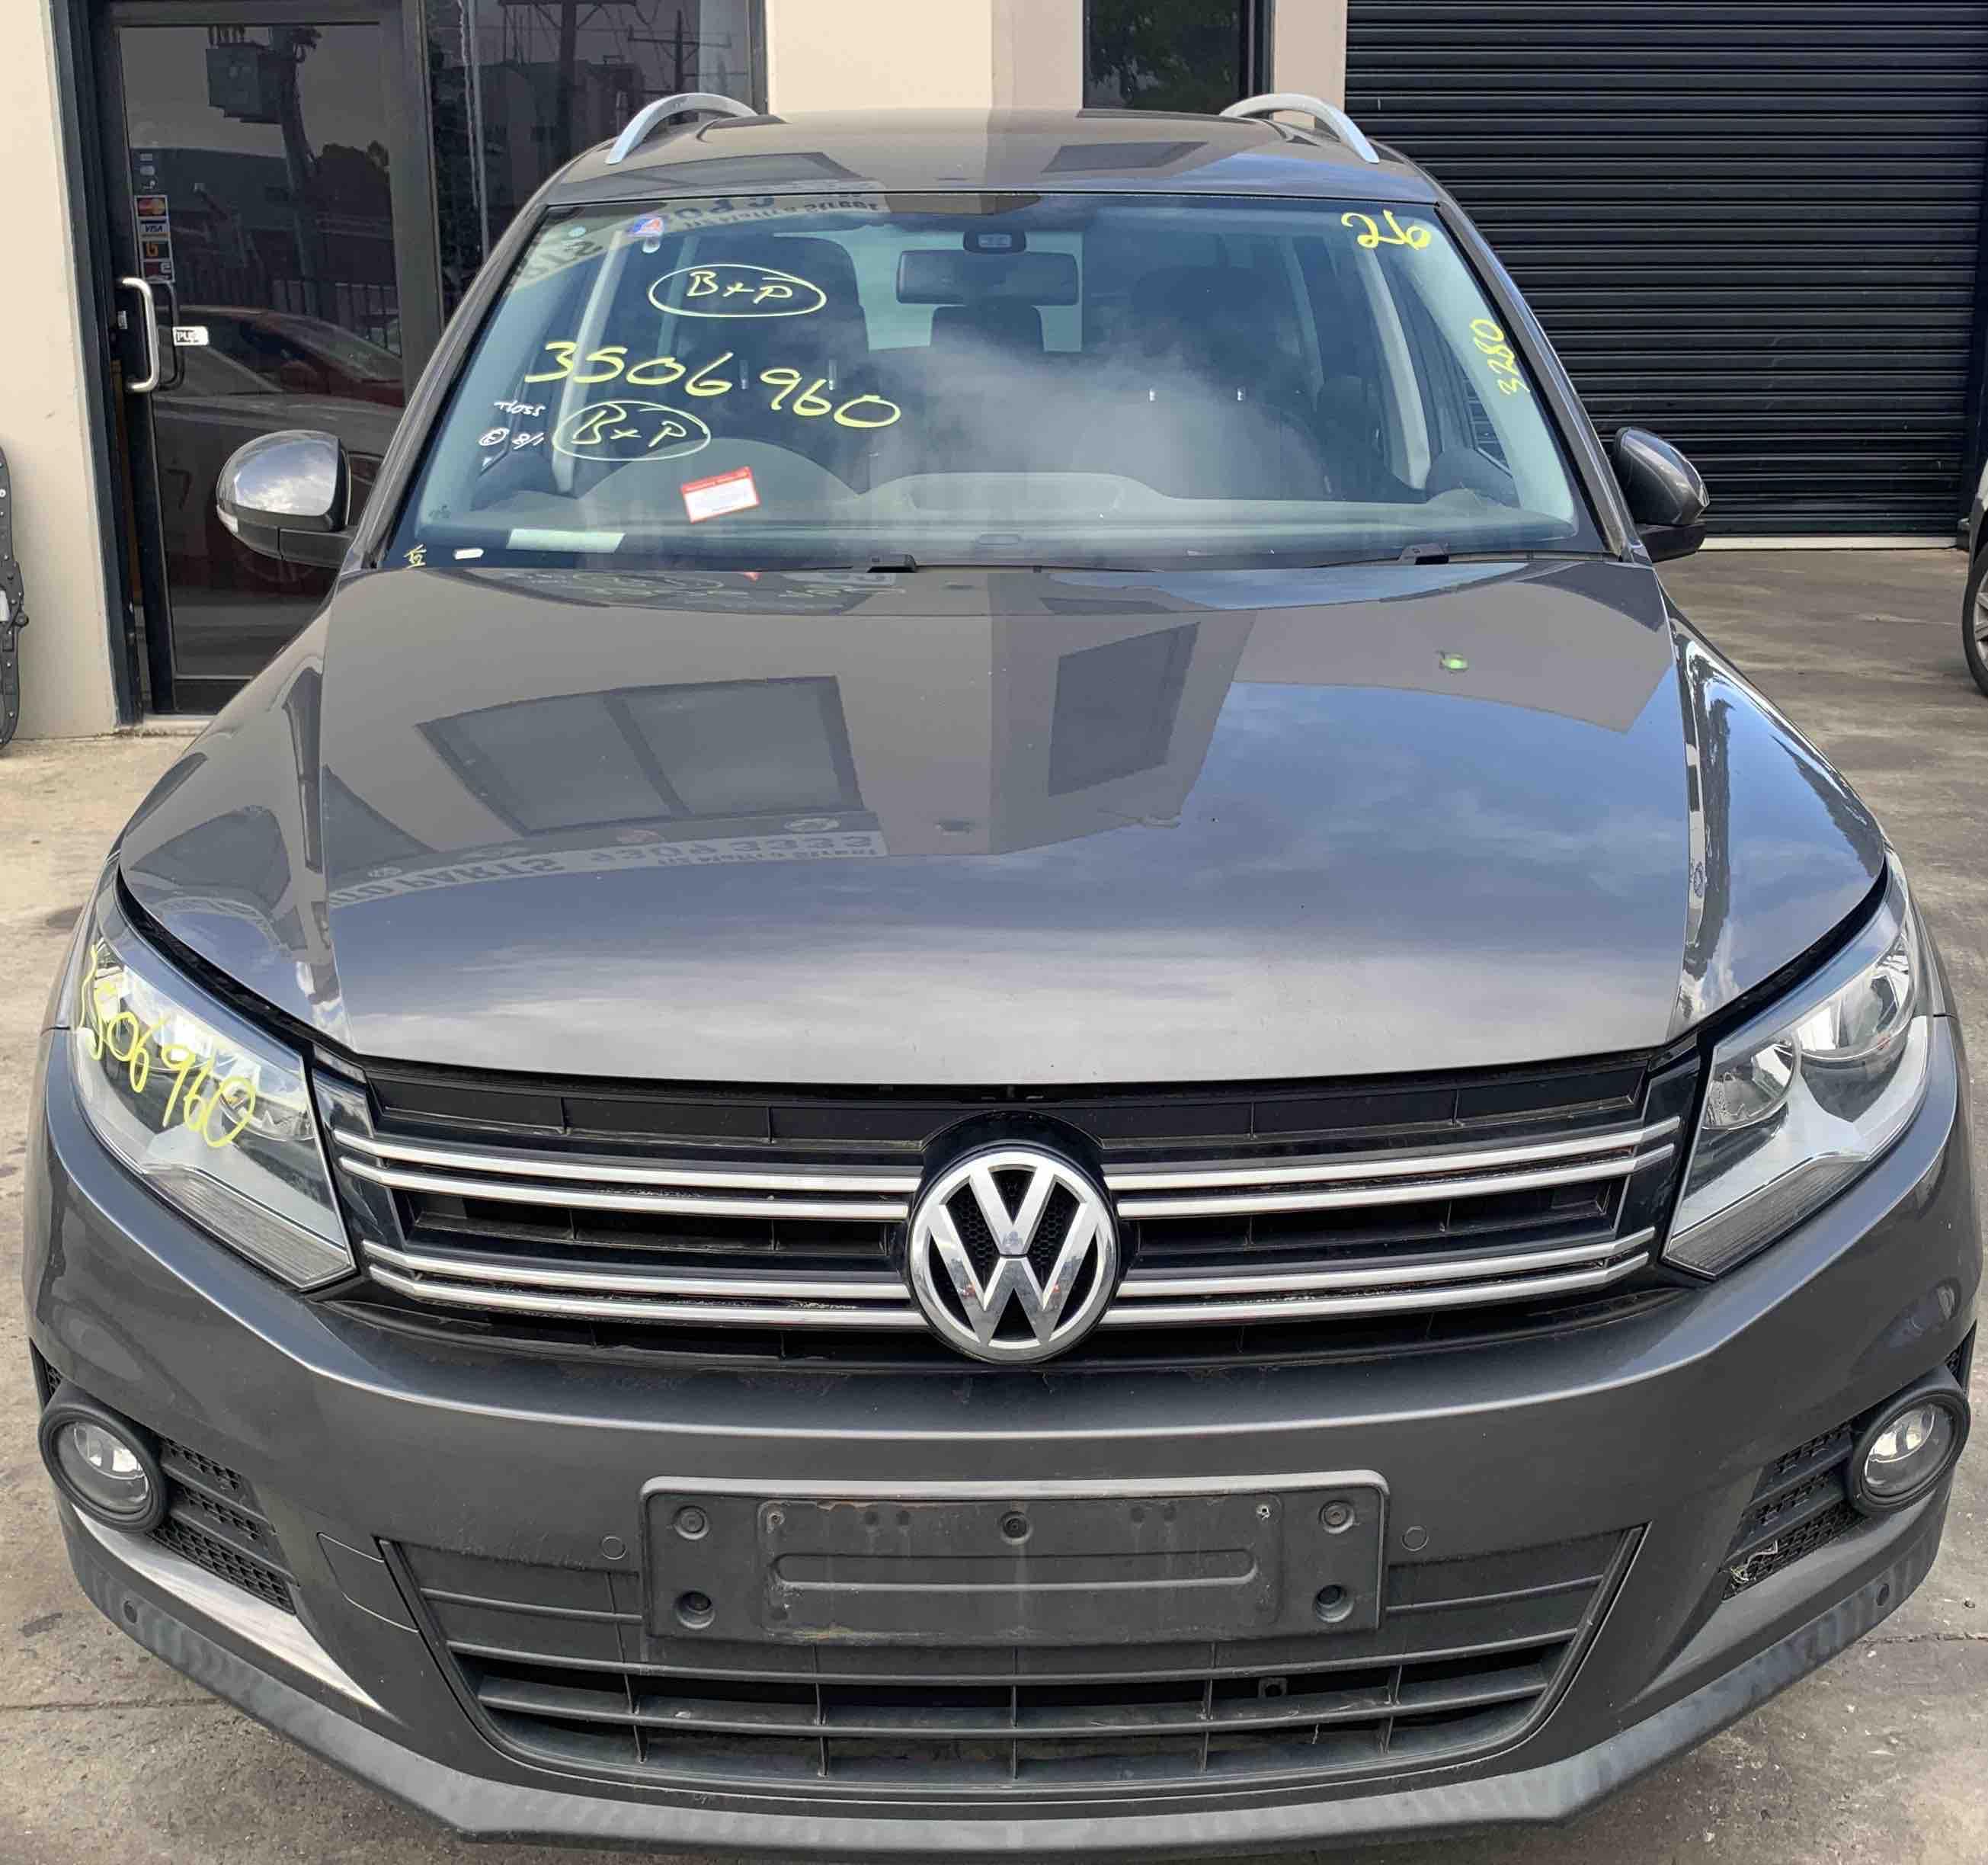 VW TIGUAN 5N 2012